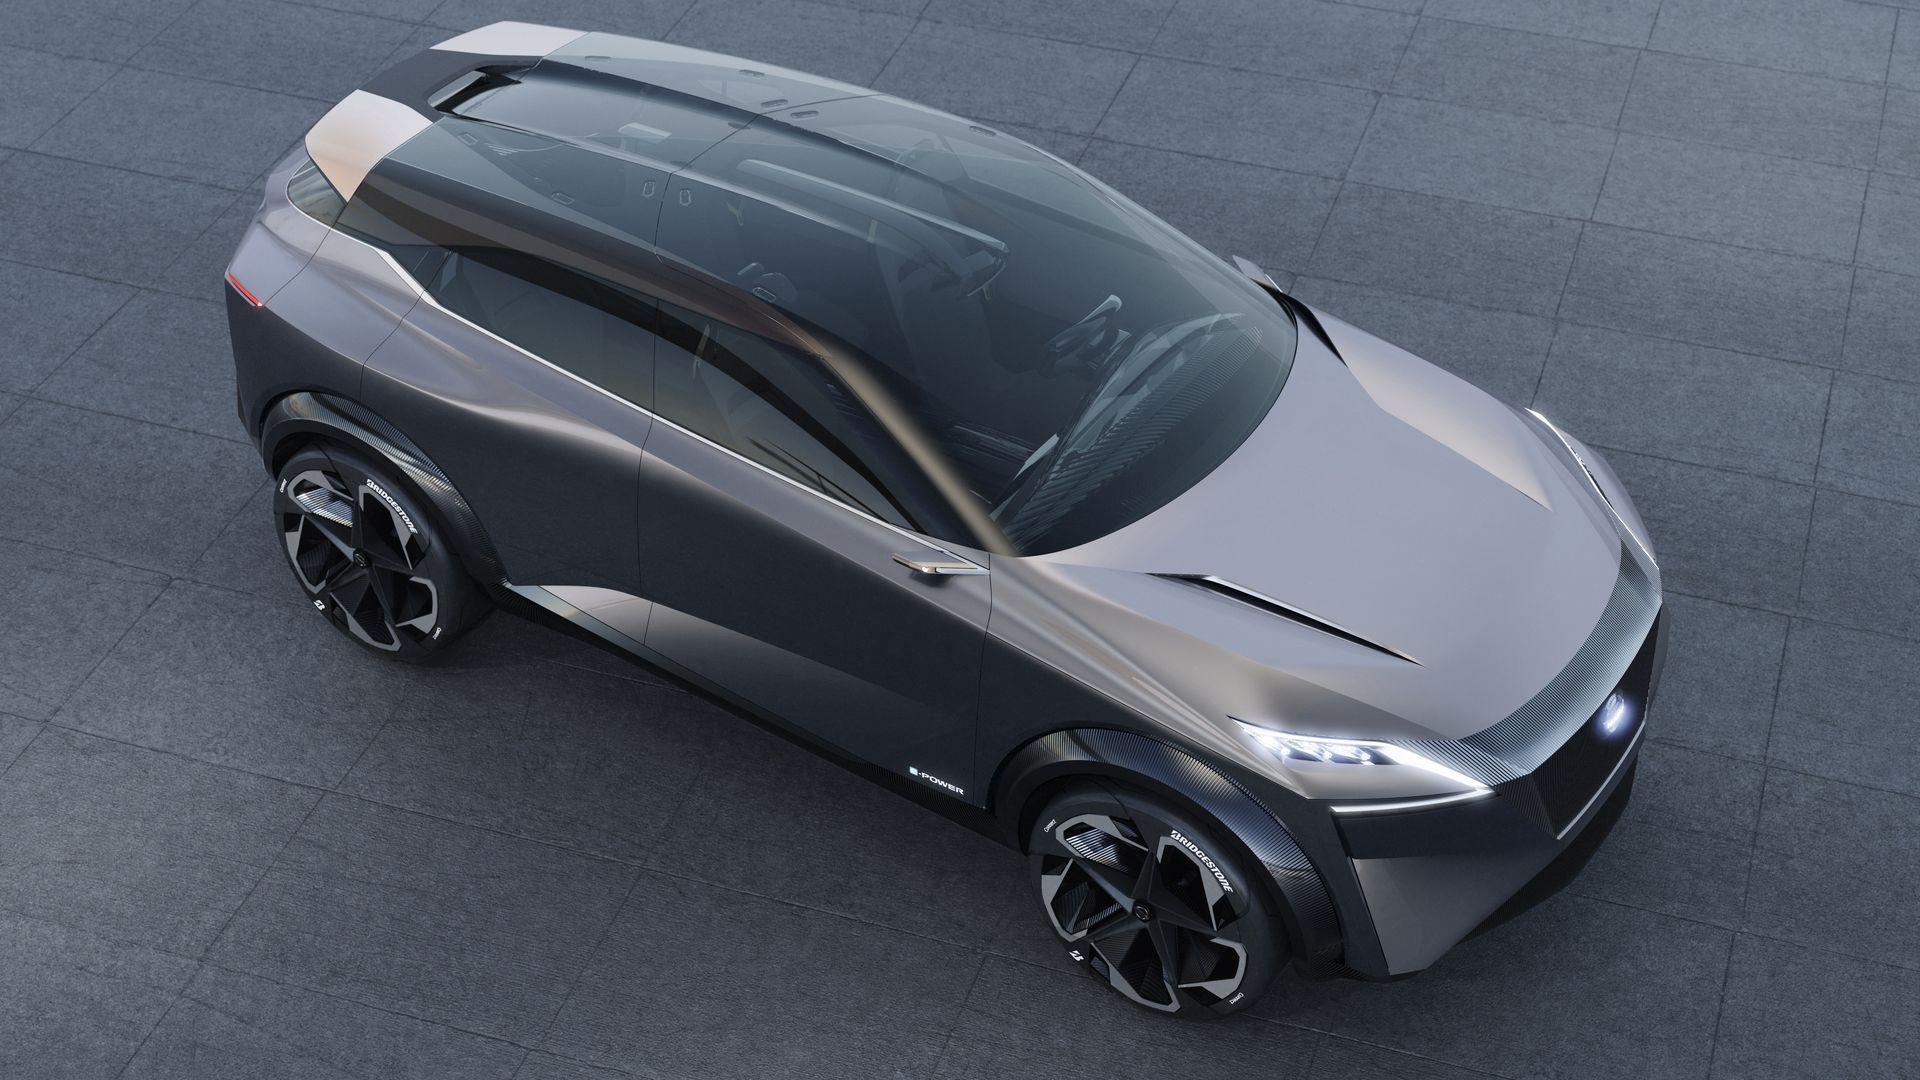 Електрифікація Європи: Nissan показала свою енергію і силу